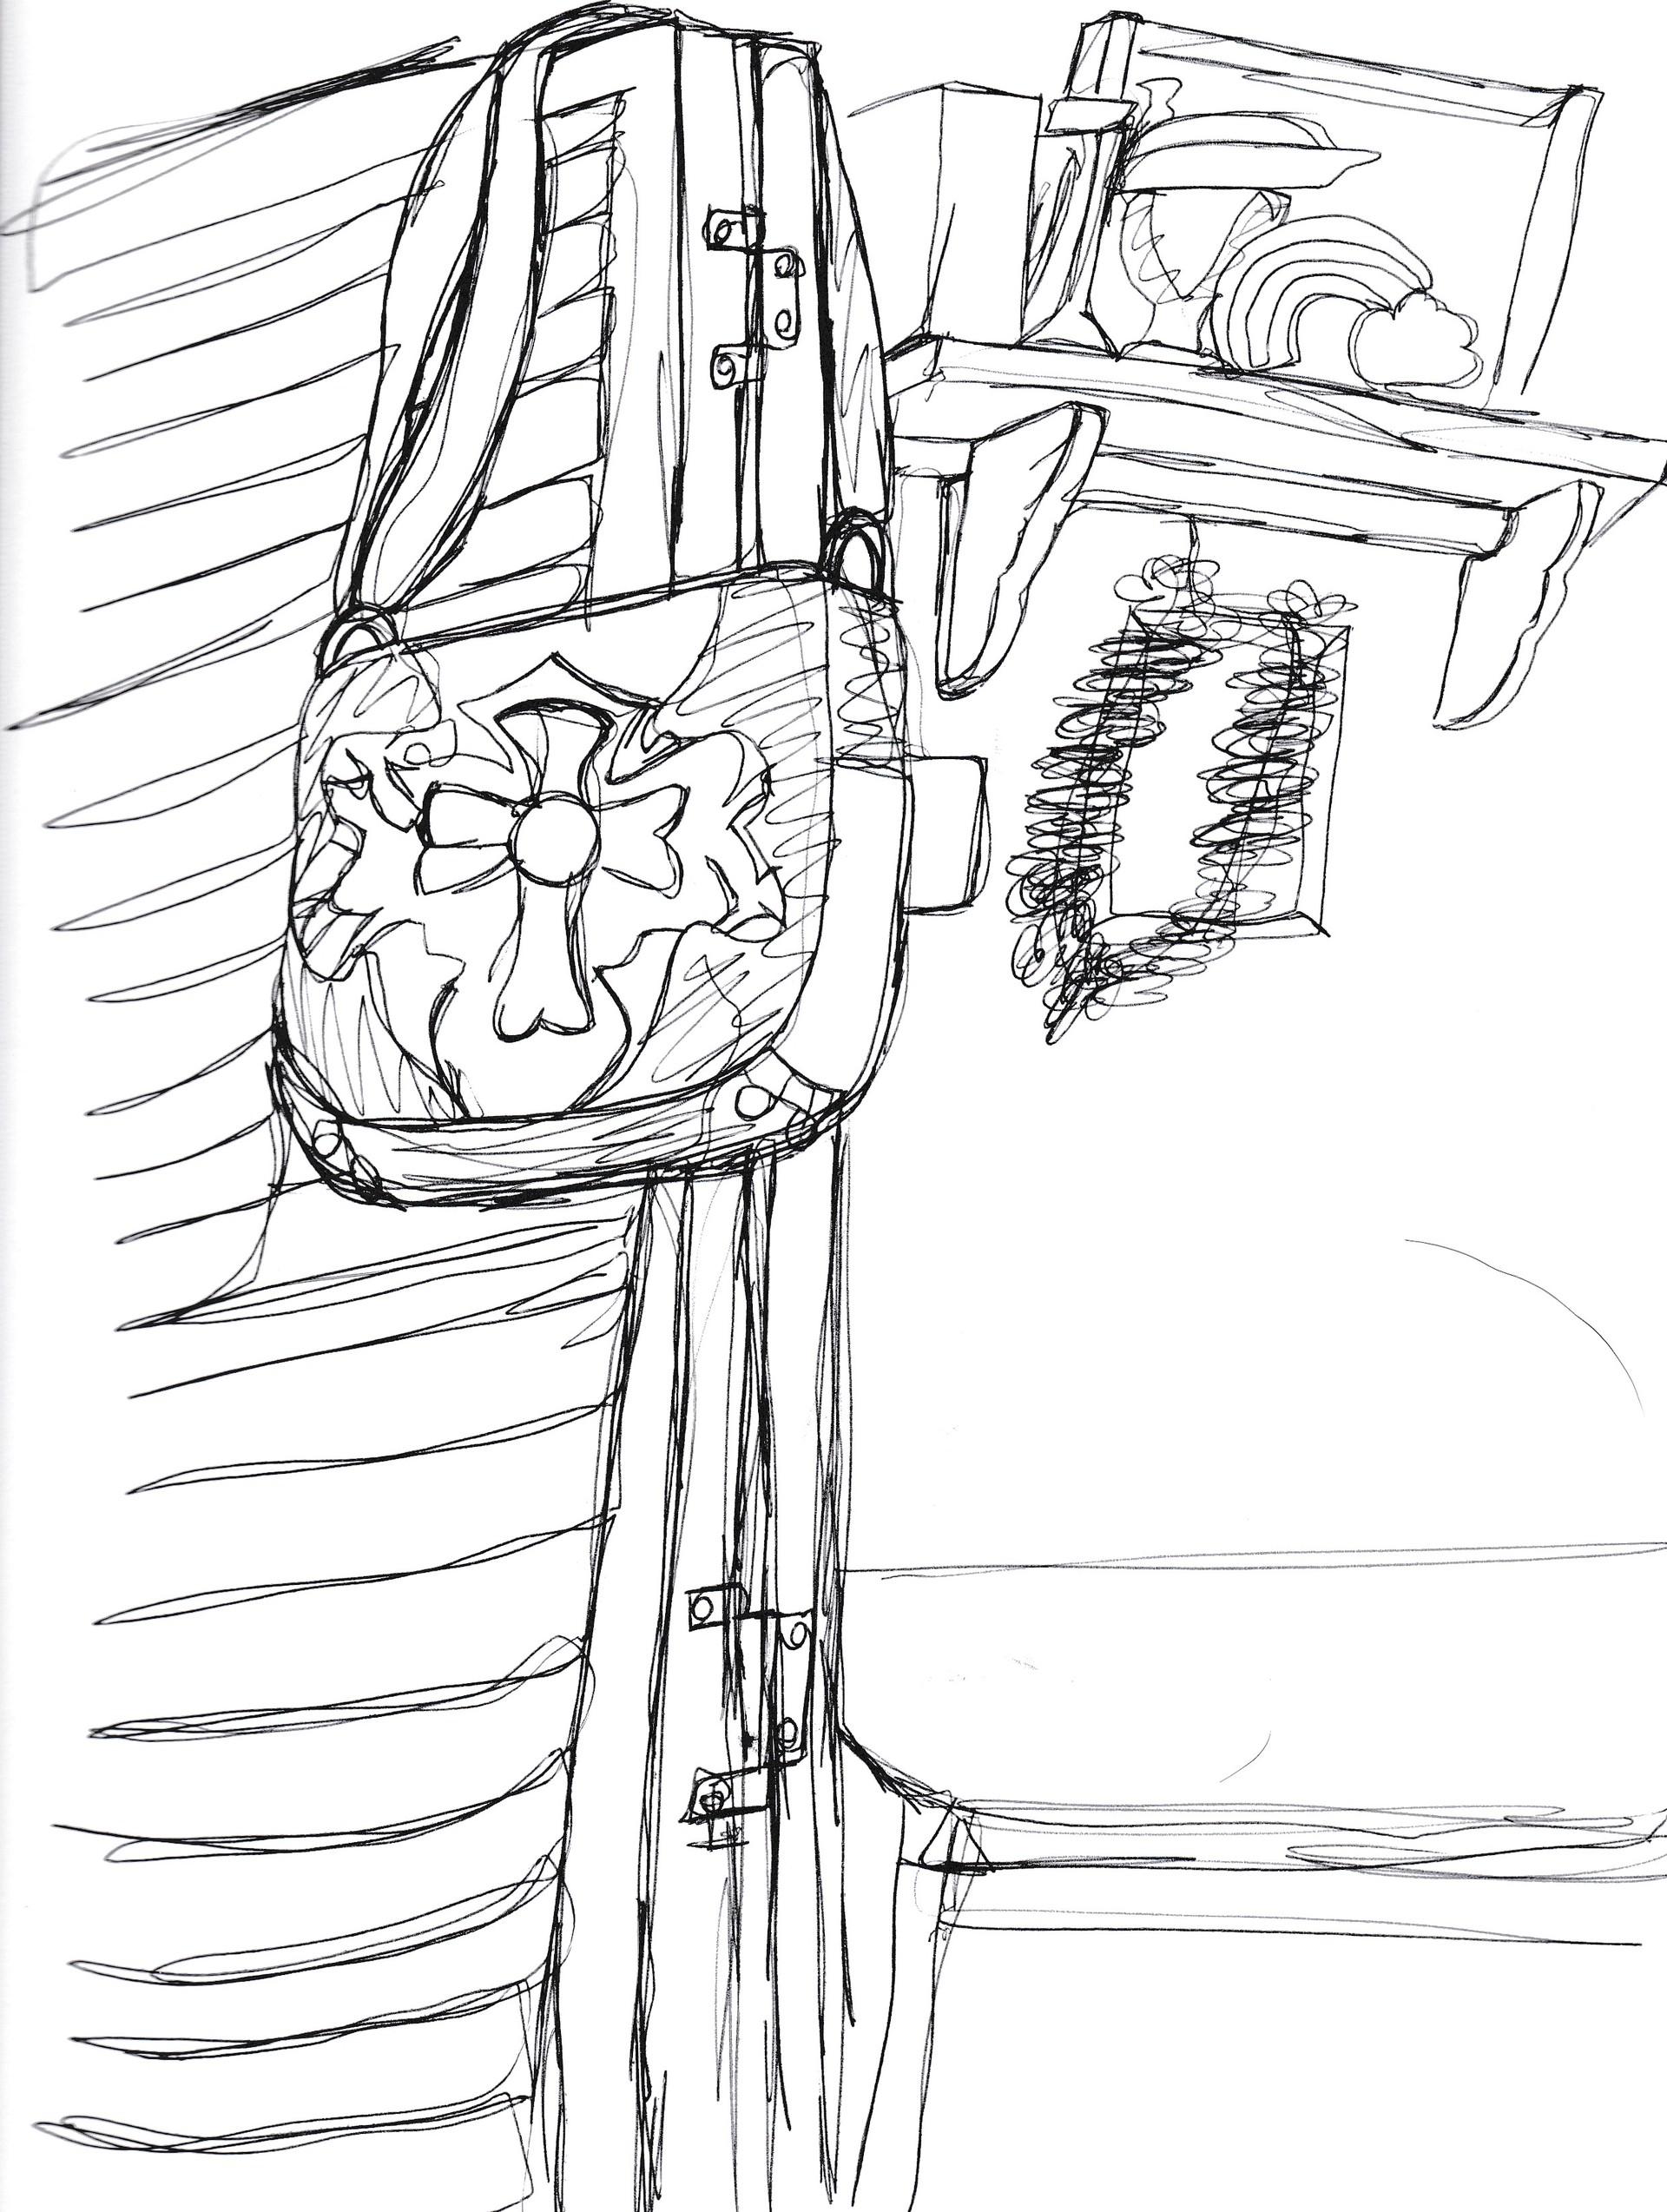 Sheryl zentz zentz sheryl 2a art1 o 1604 jpg 2